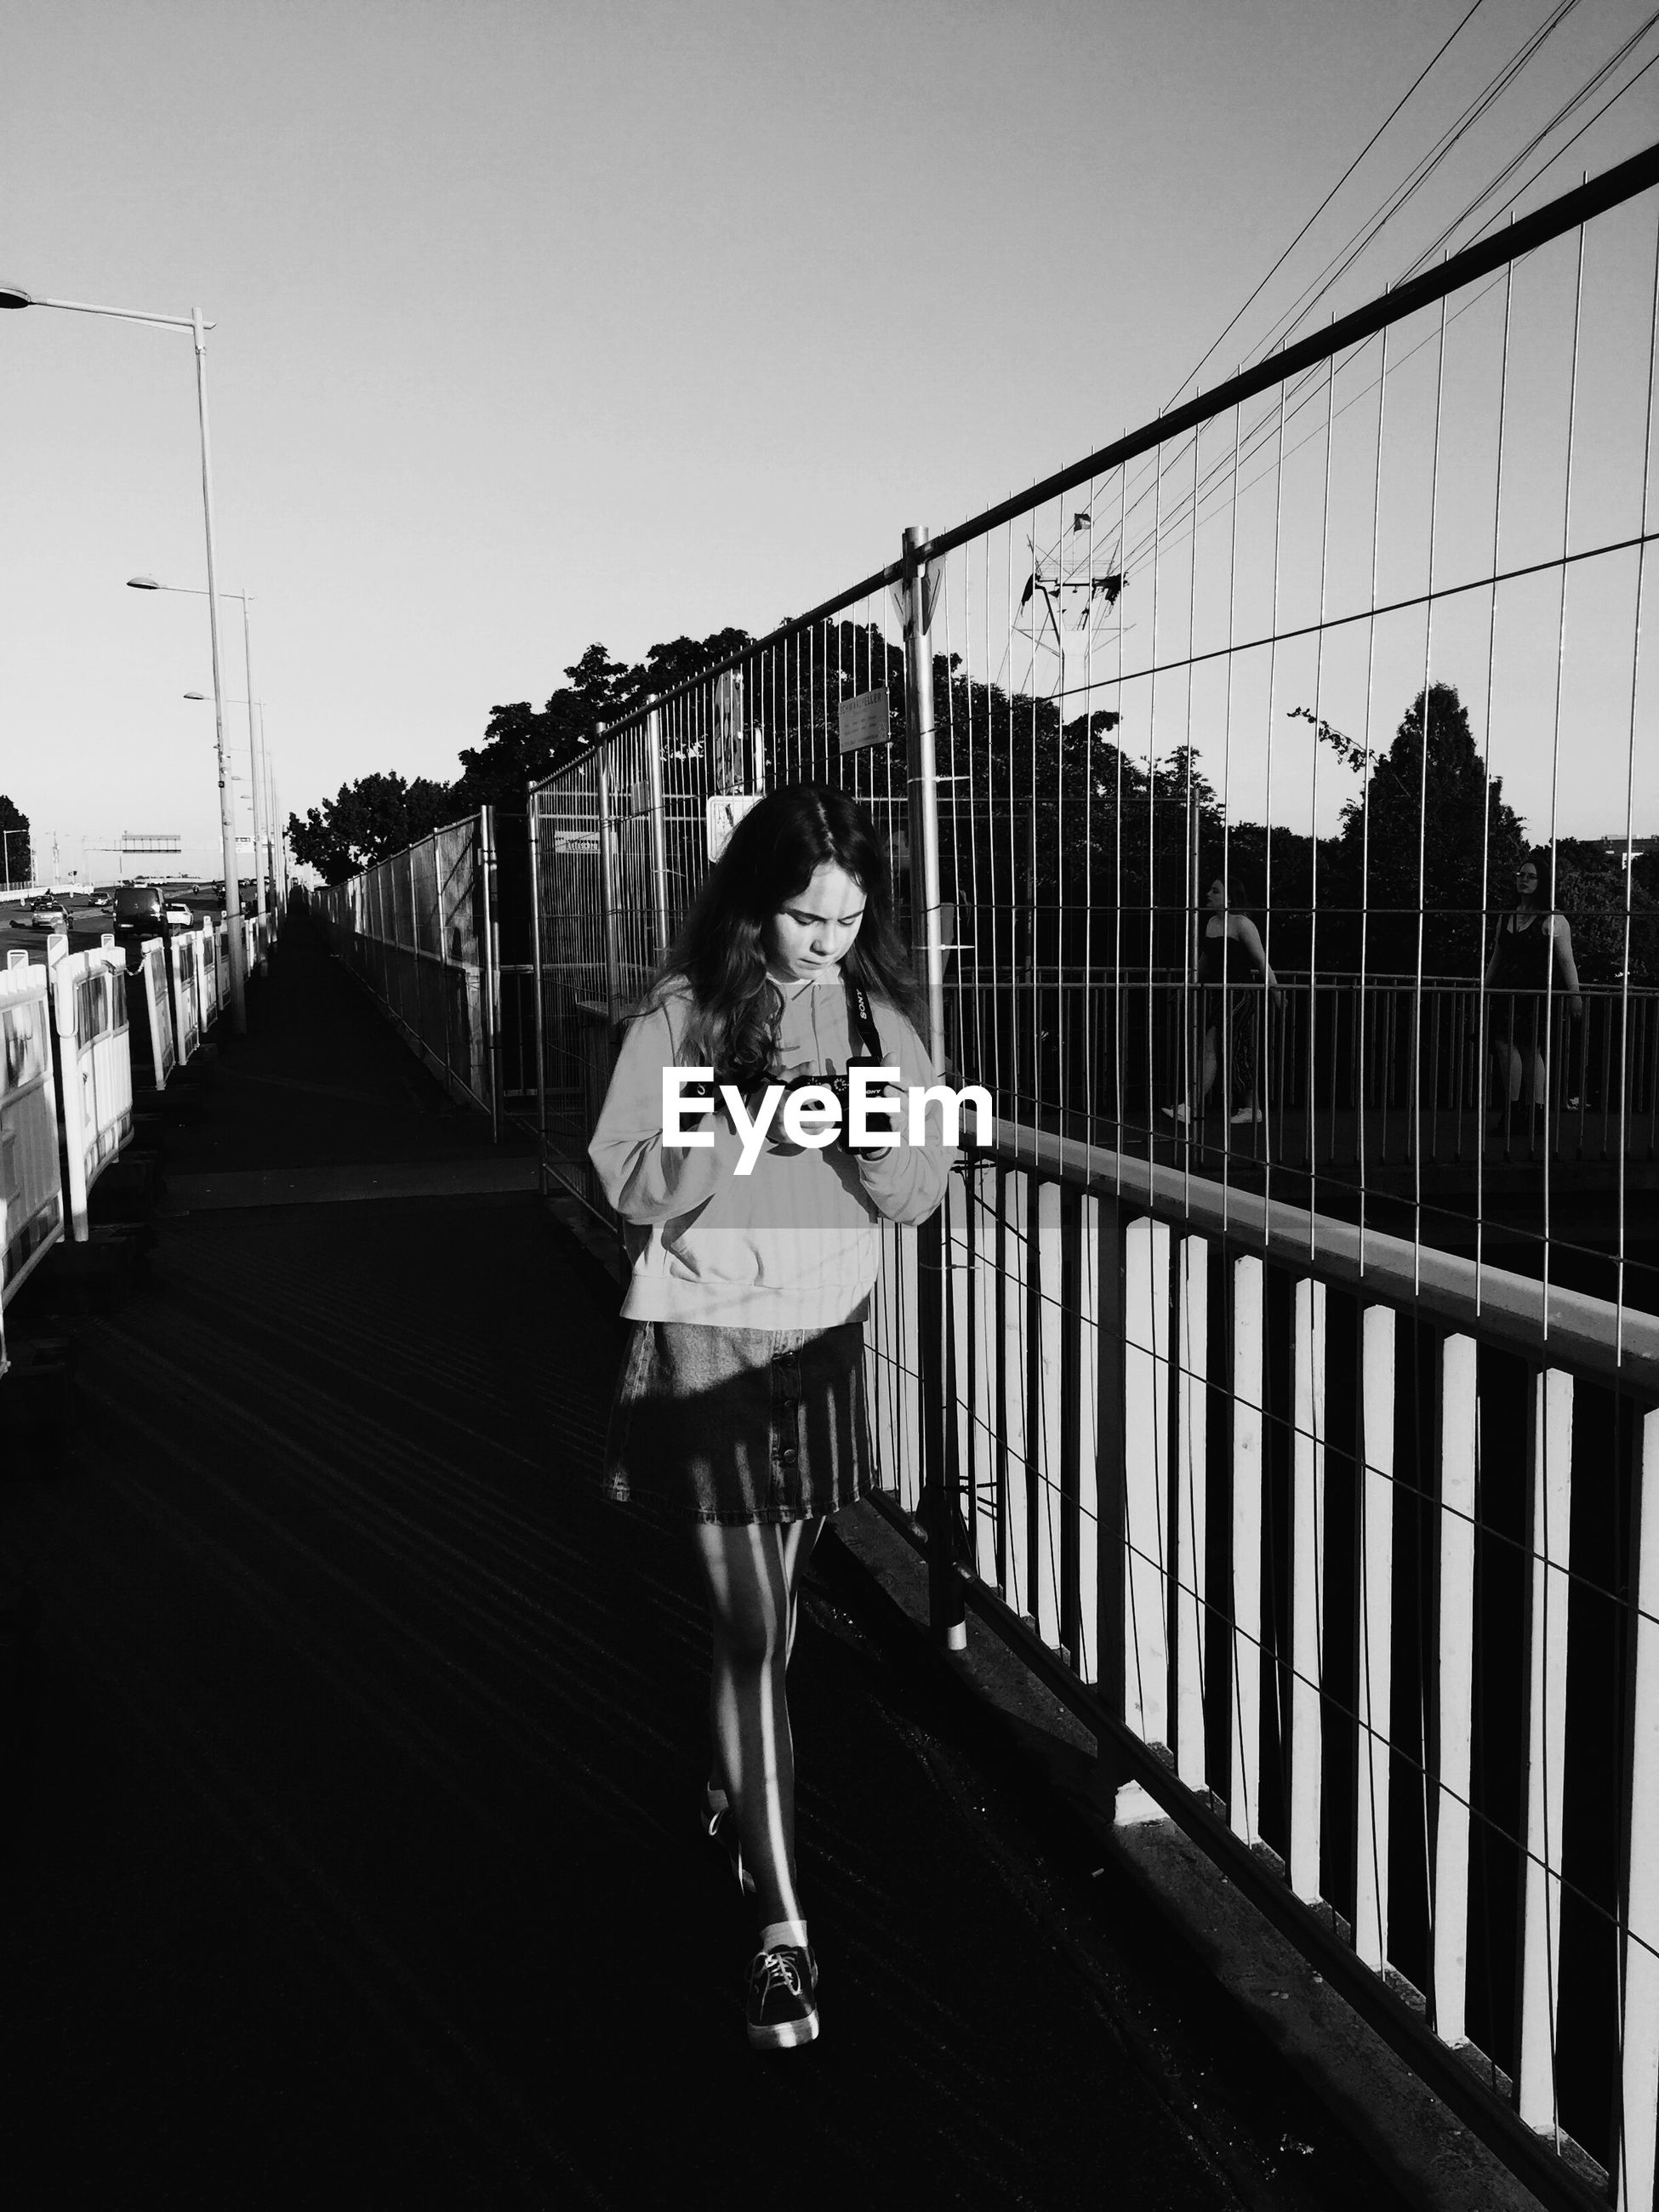 Teenage girl walking by railing on bridge in city